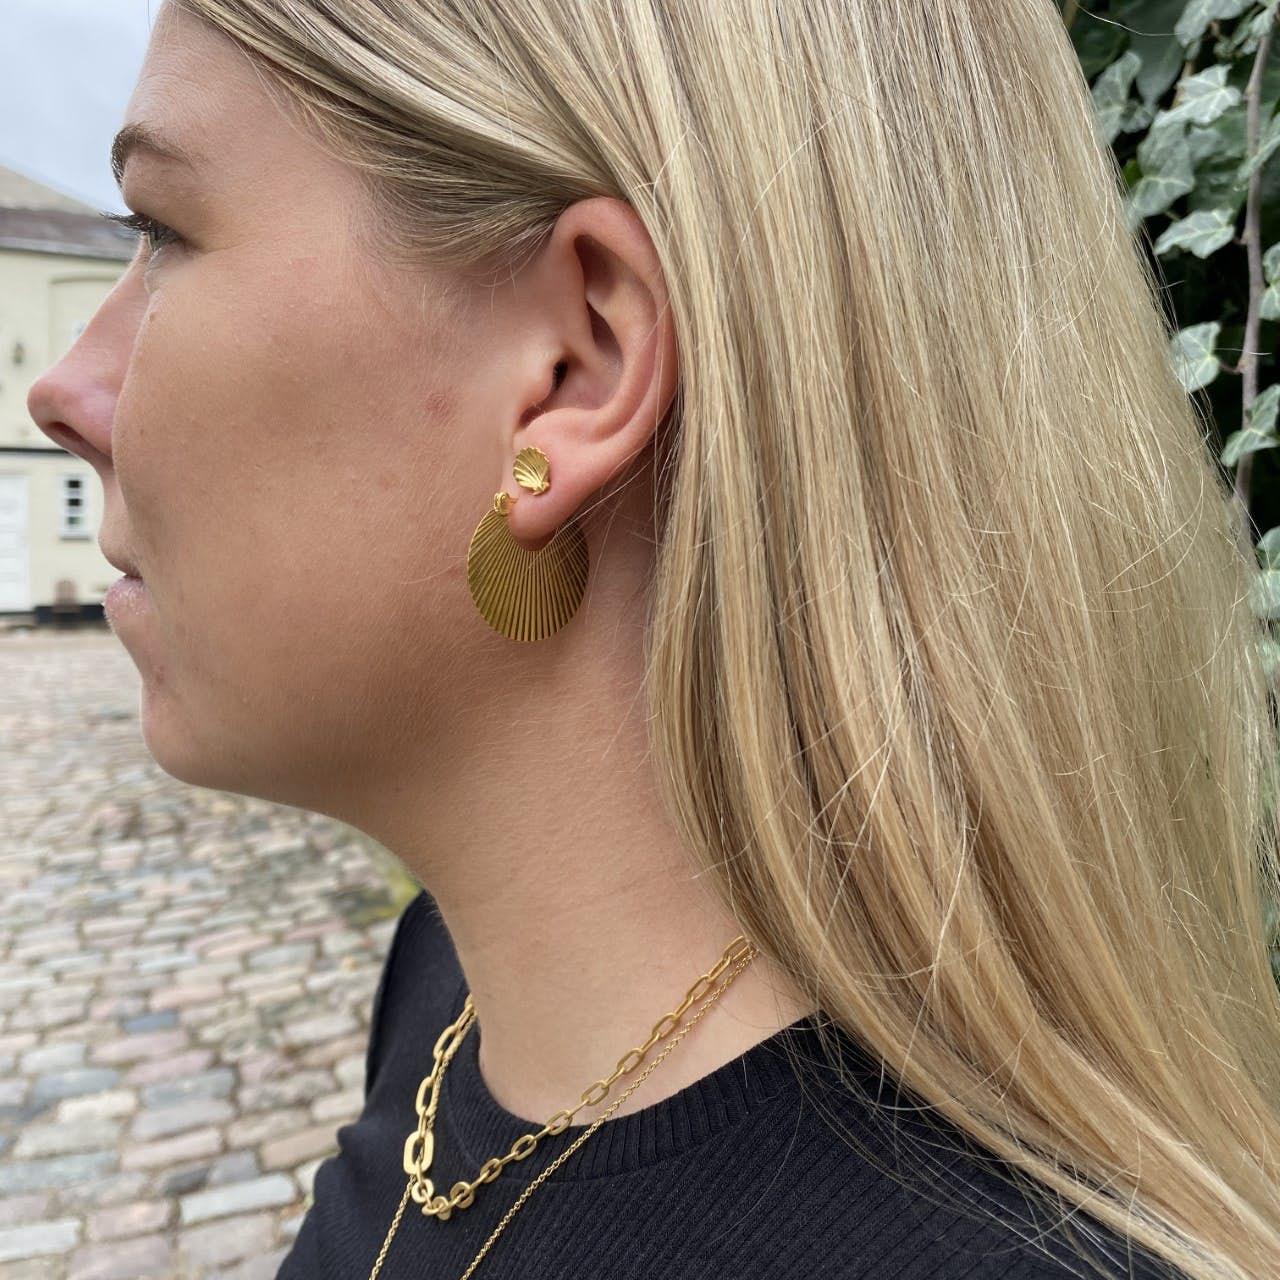 Salon Scallop Earstud Back von Jane Kønig in Vergoldet-Silber Sterling 925